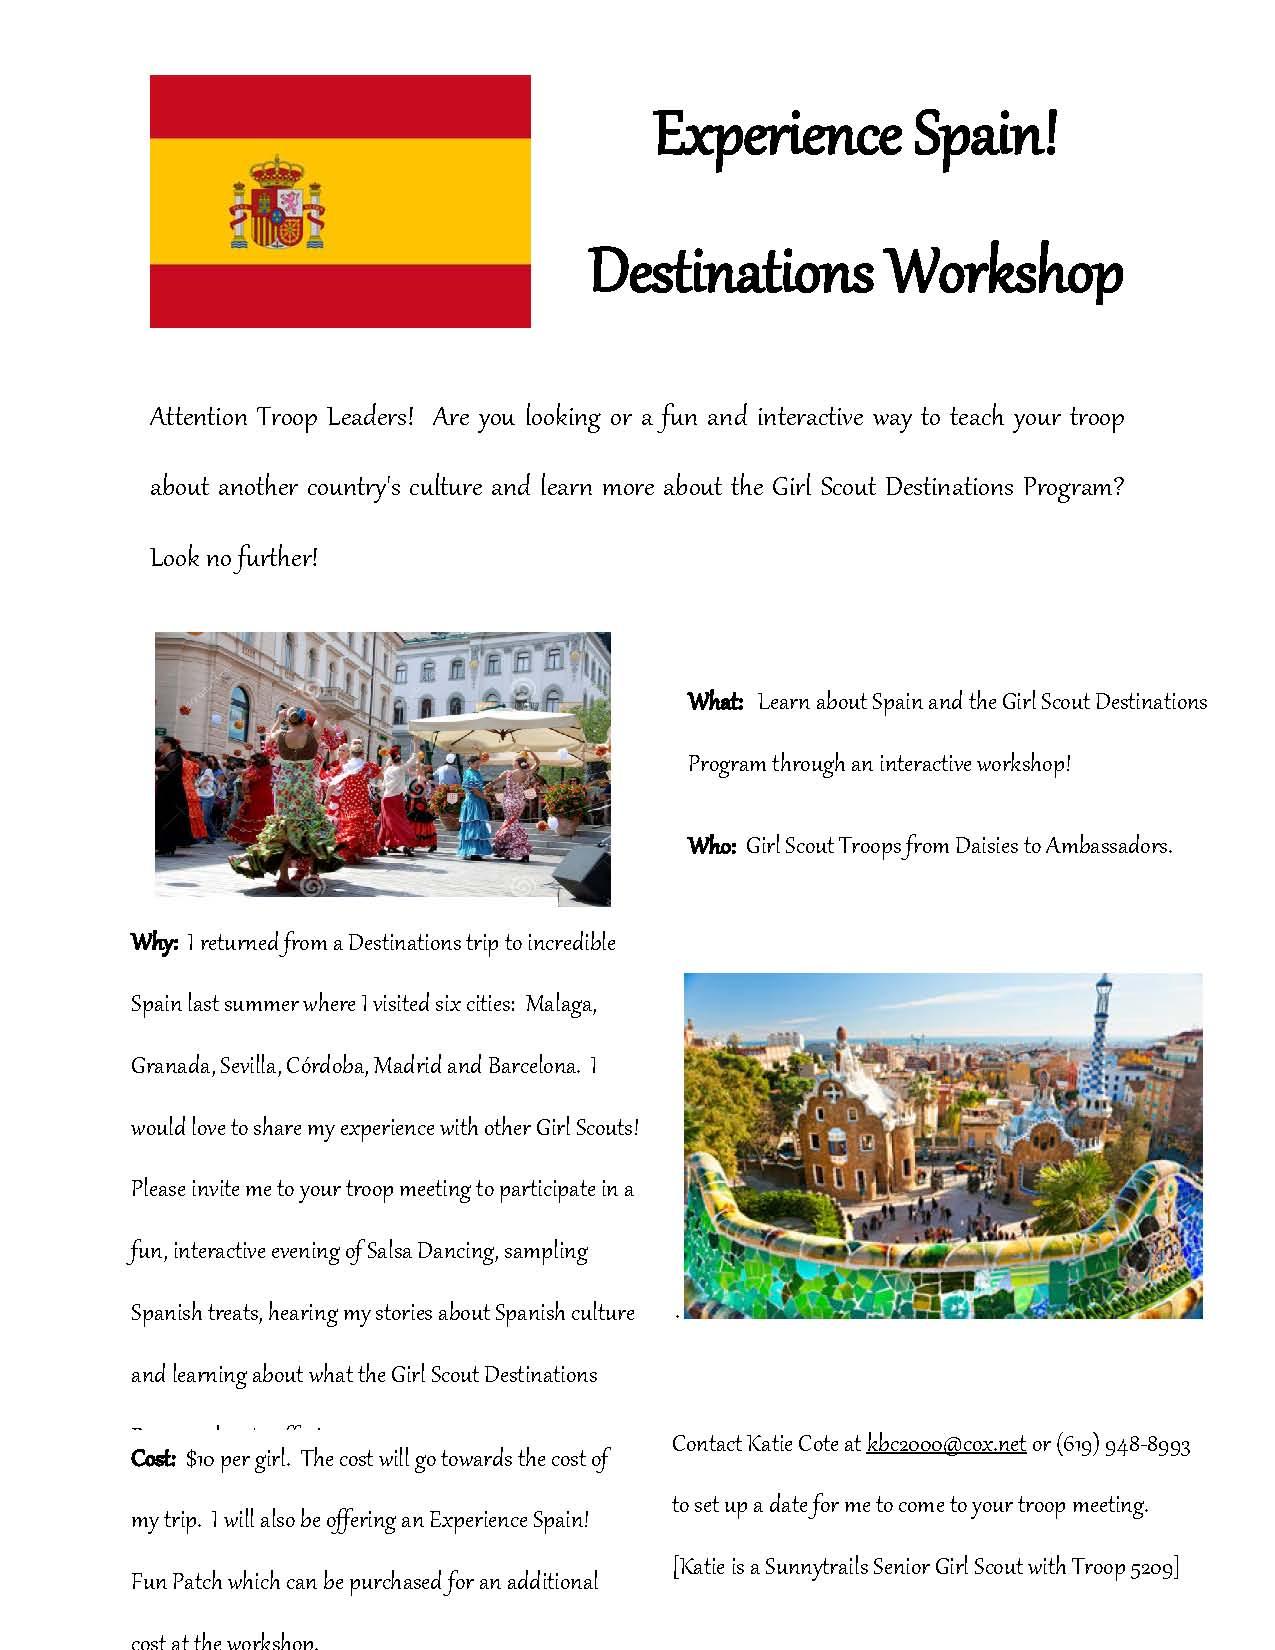 Experience Spain! Destinations Workshop Flyer_Katherine Cote [226989]